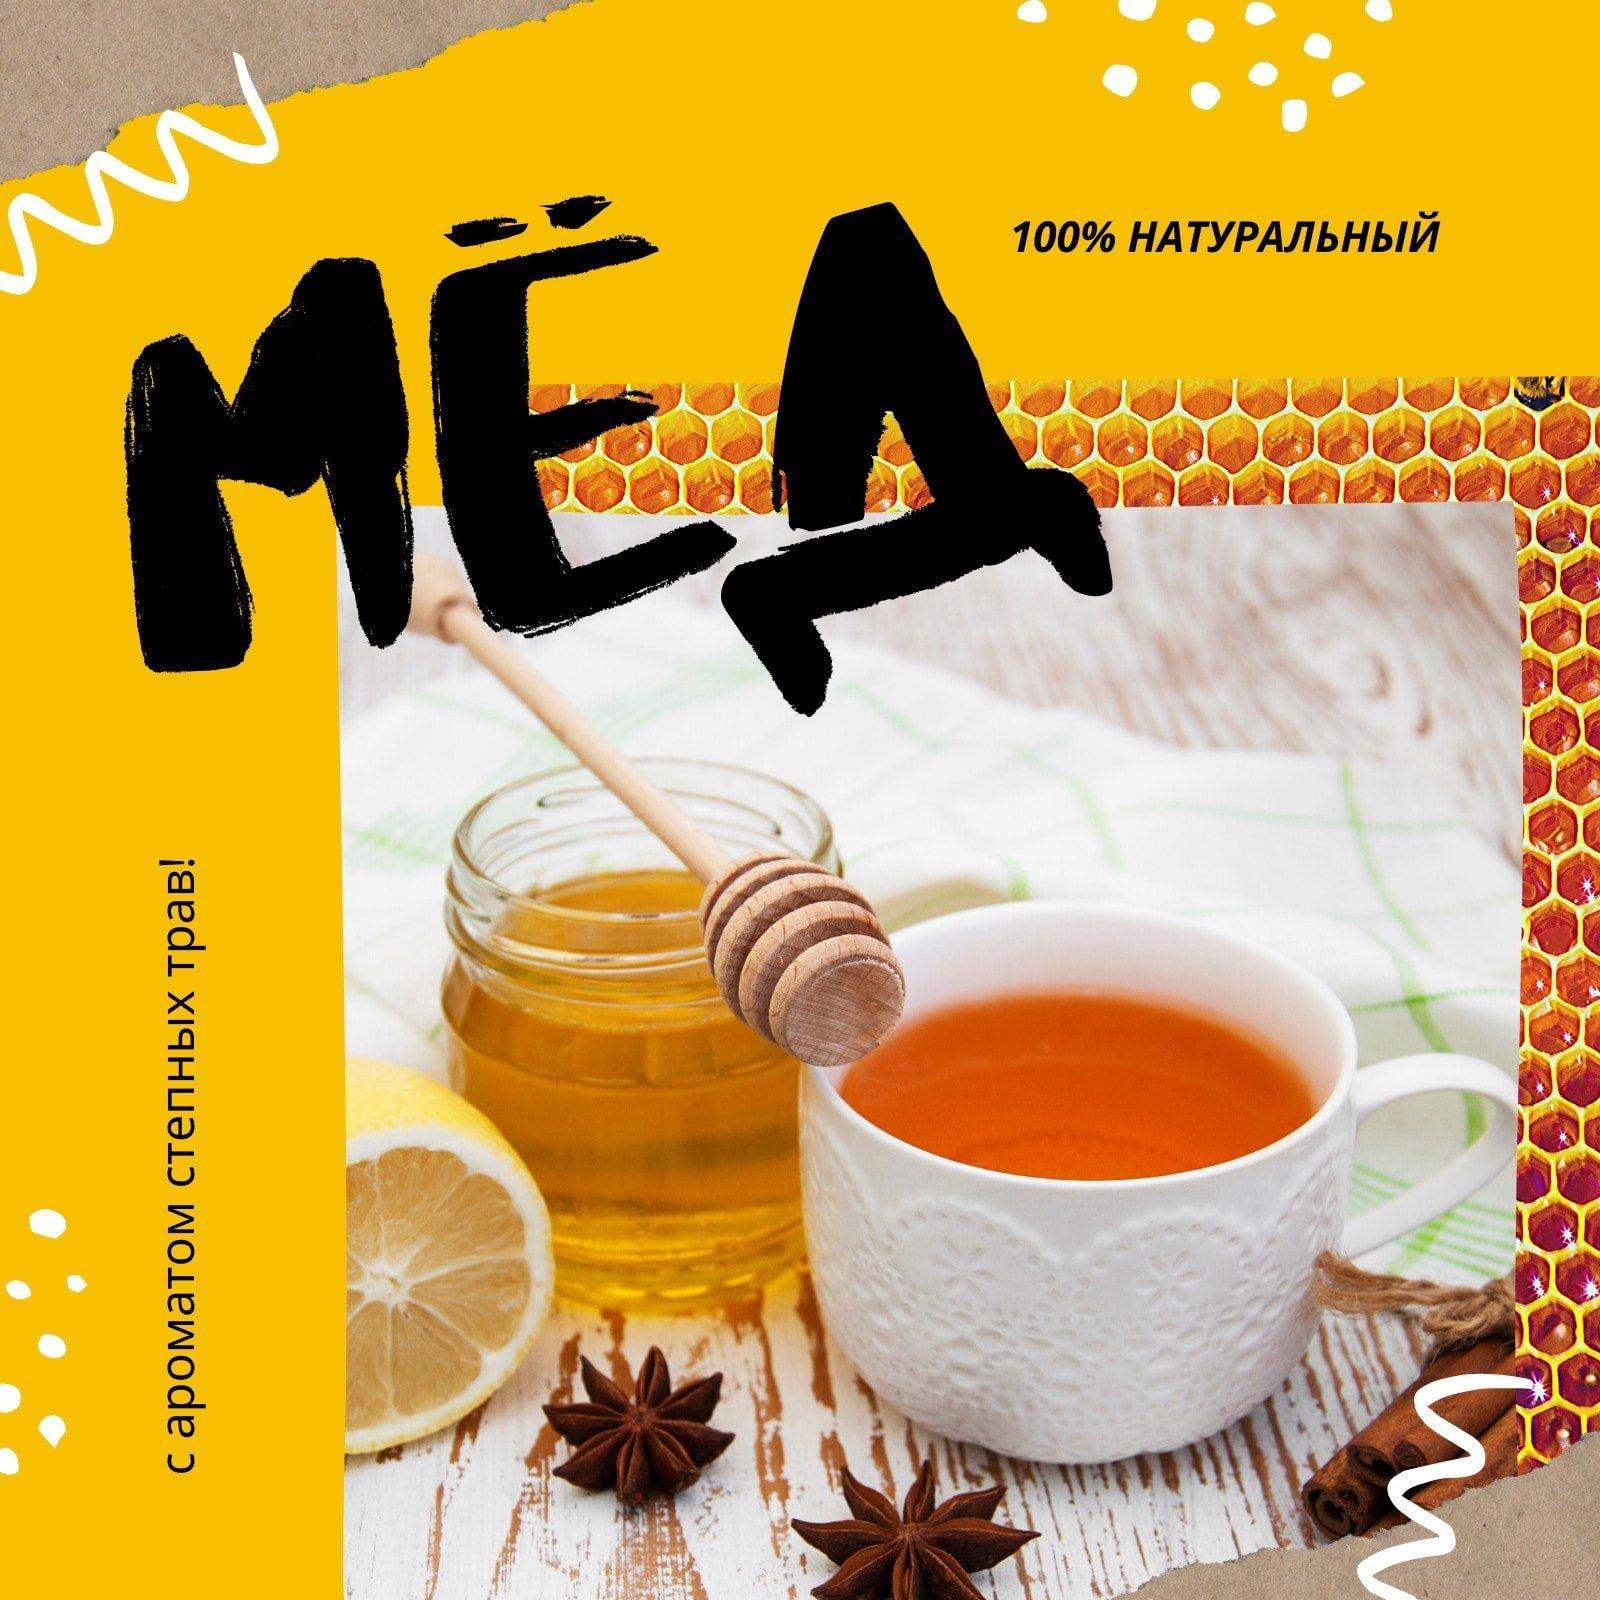 Оранжевая публикация в Instagram с медом, чаем и специями